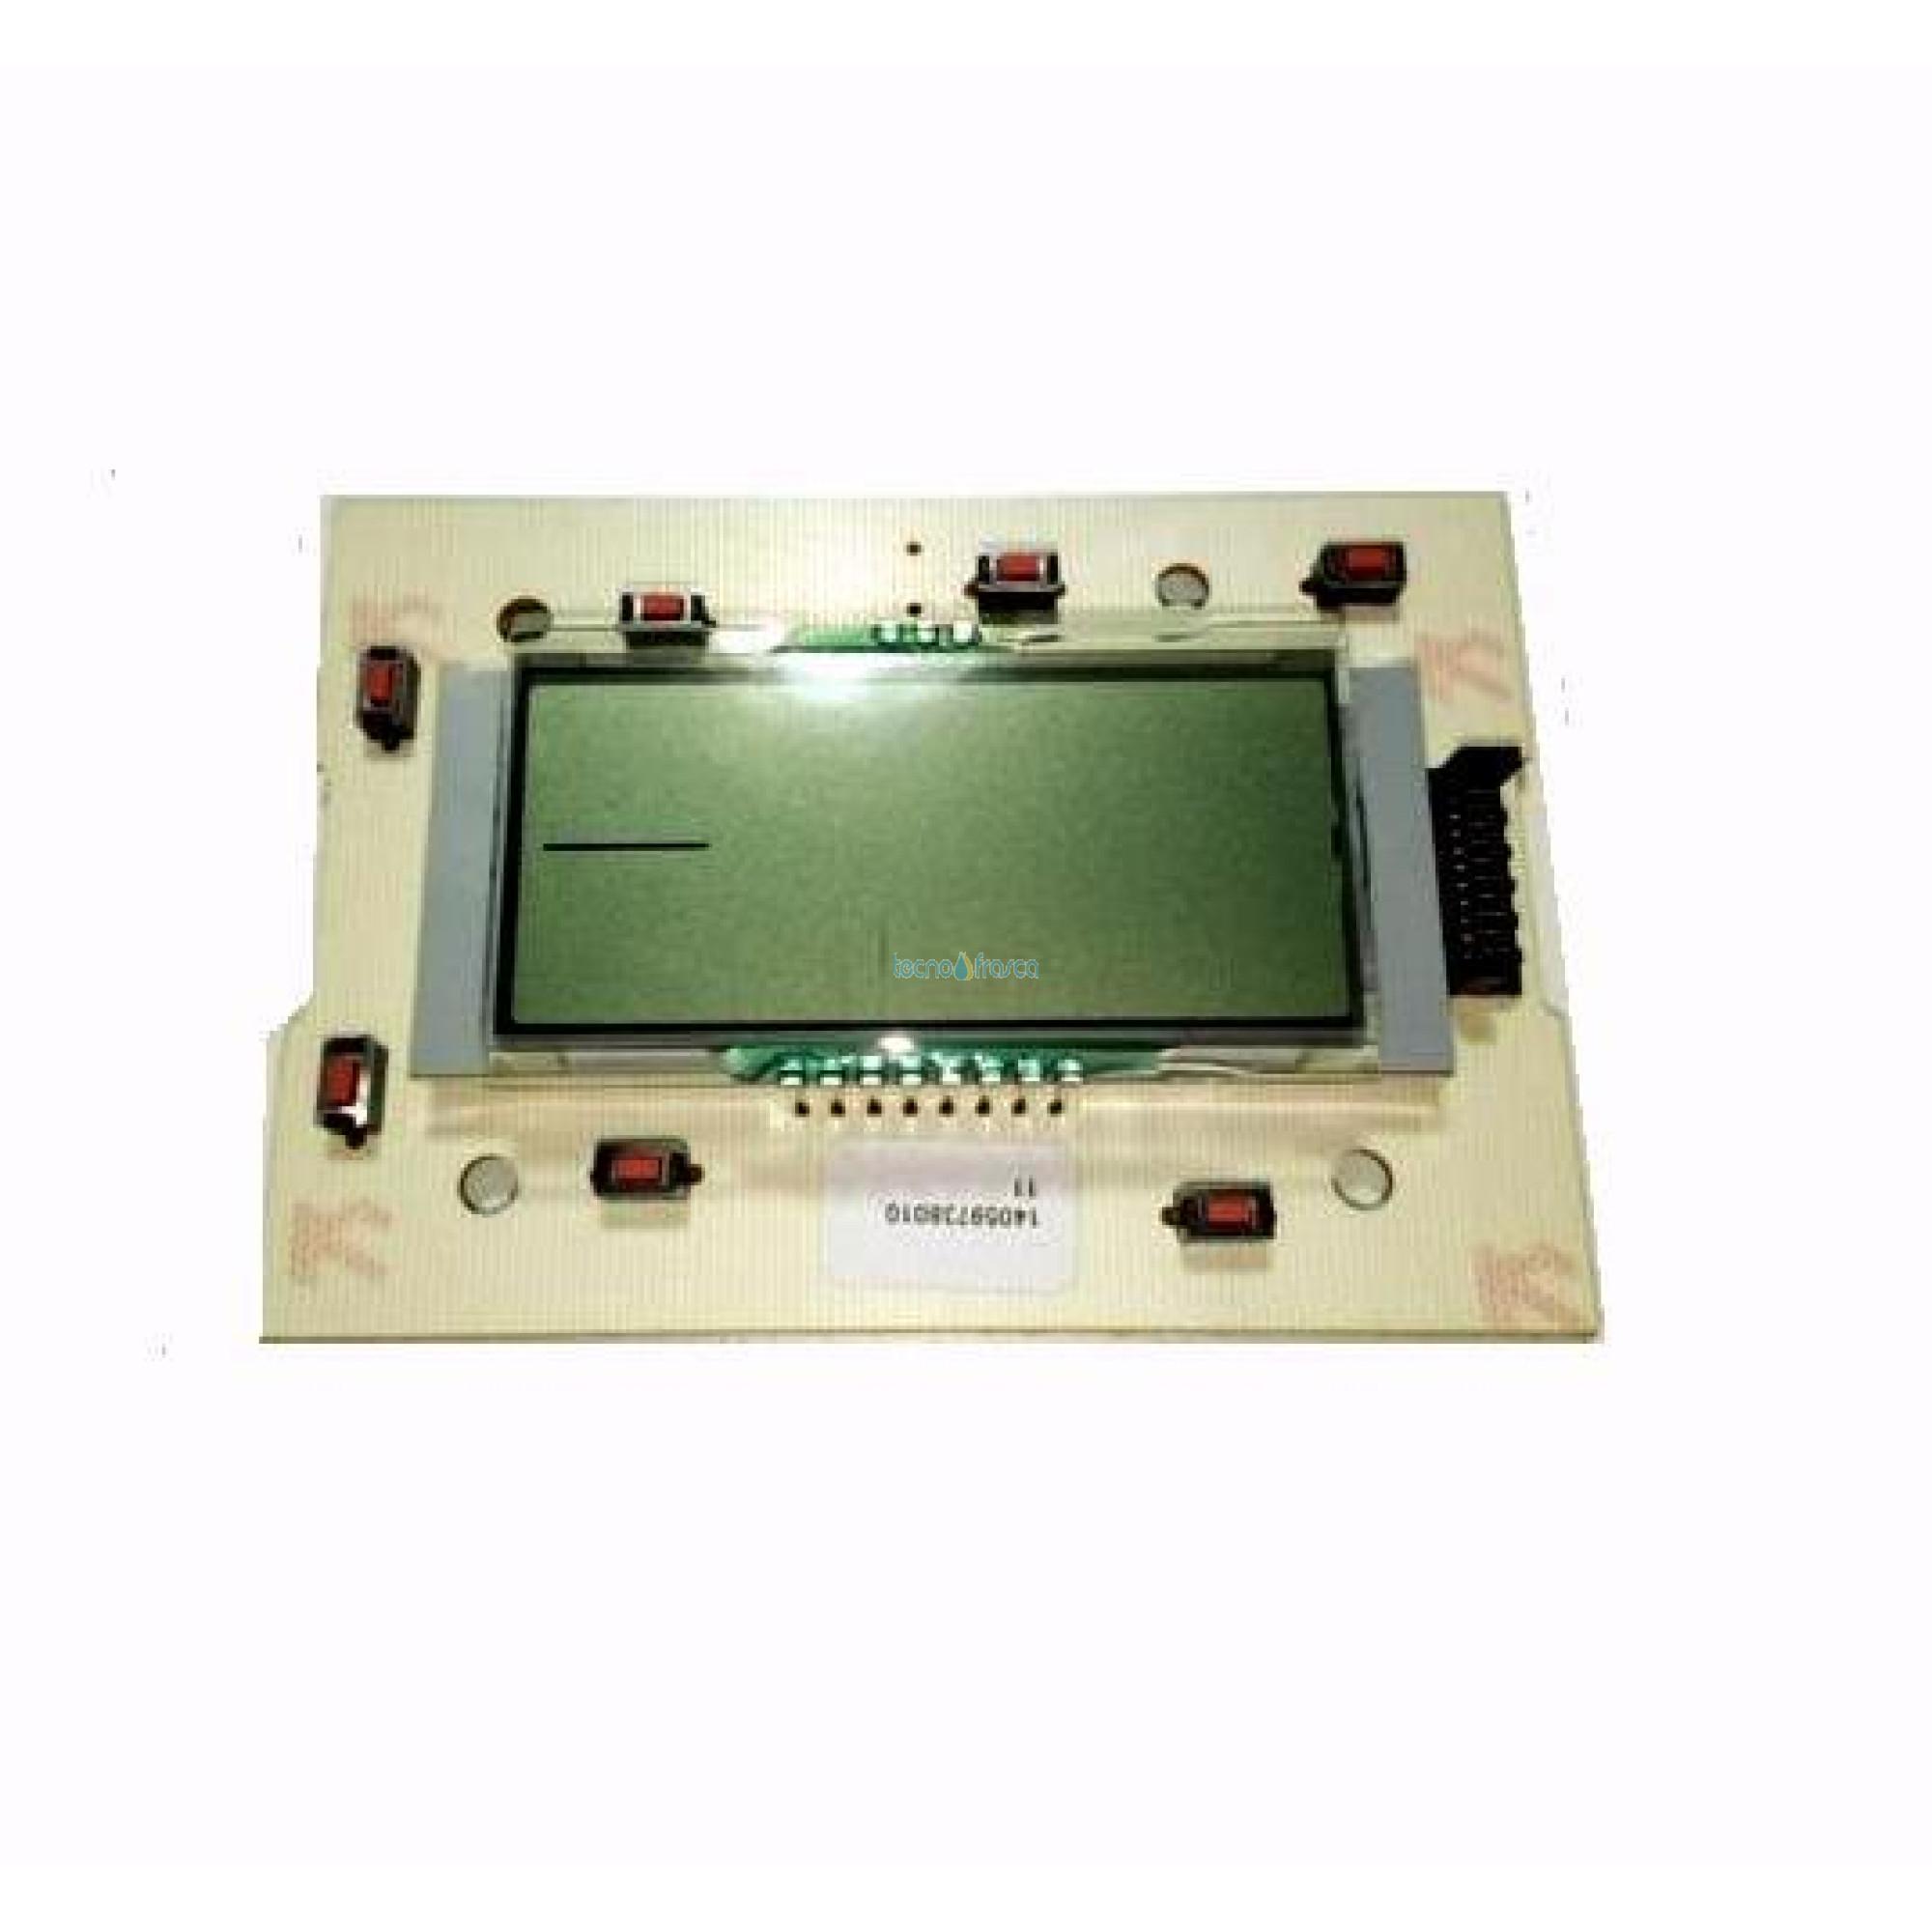 Ferroli scheda elettronica per clizia joannes dsp11 39835070